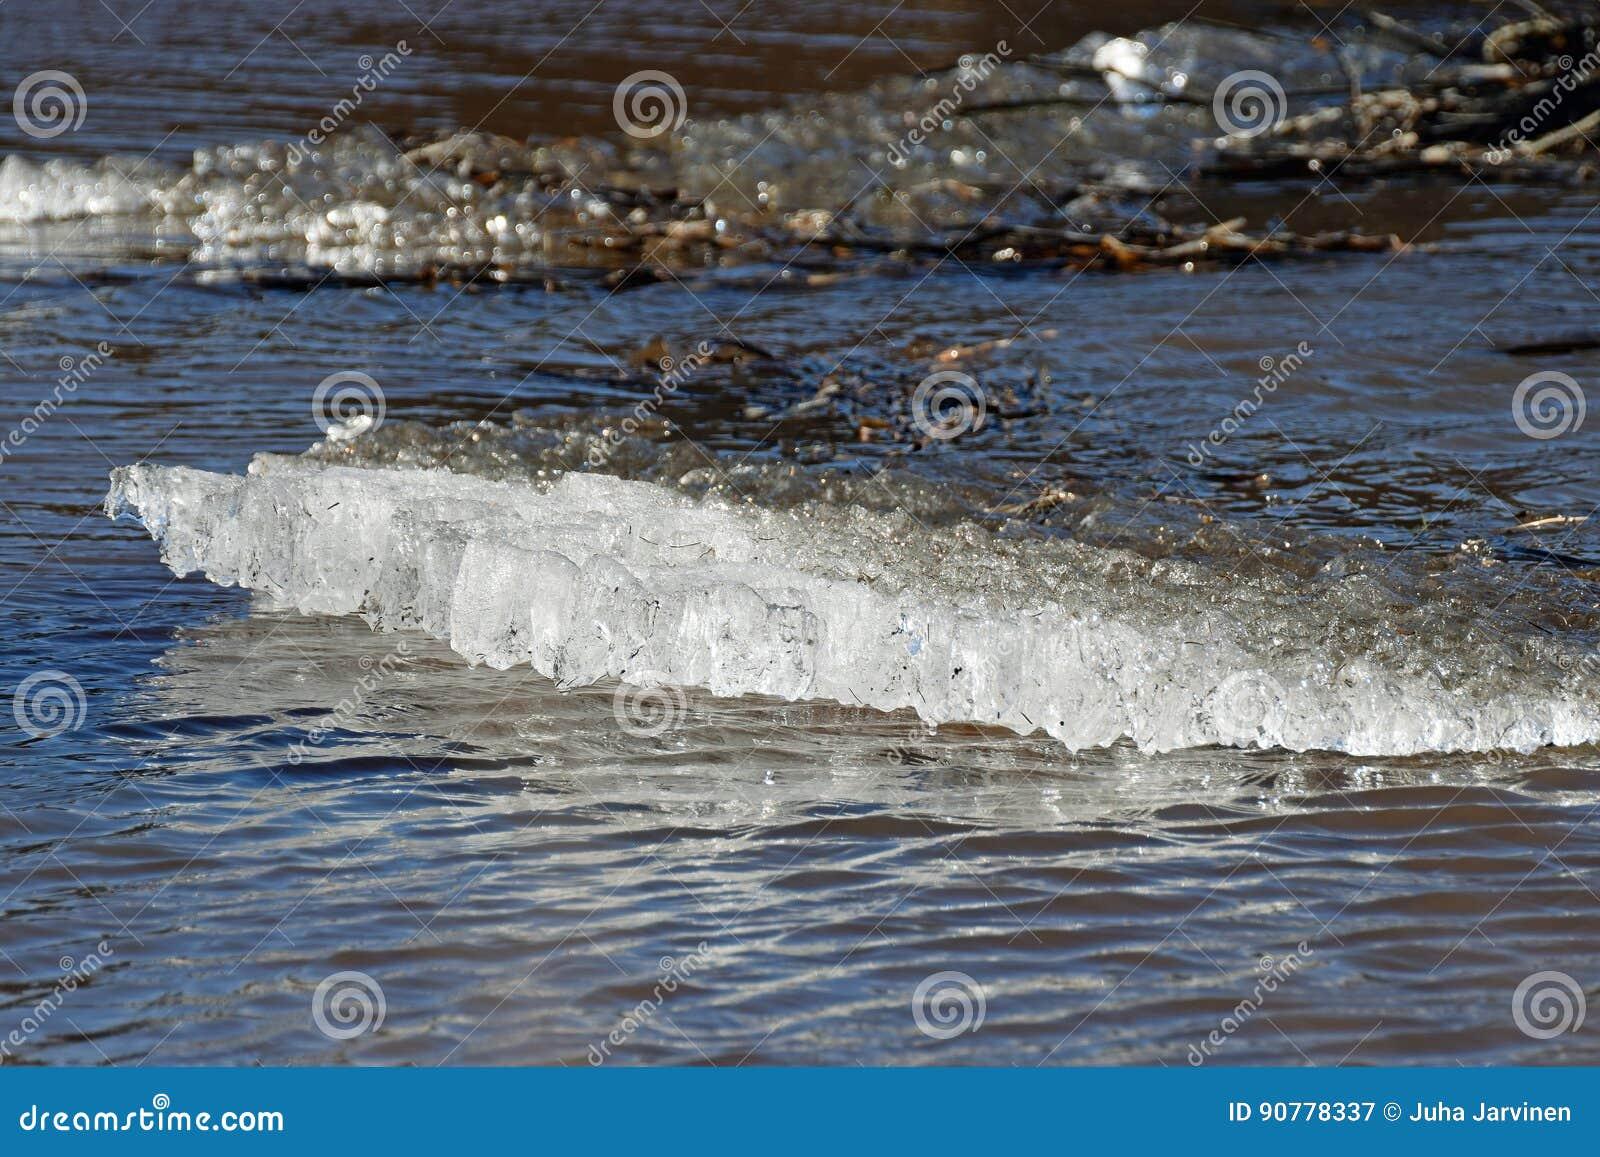 Masa de hielo flotante de hielo